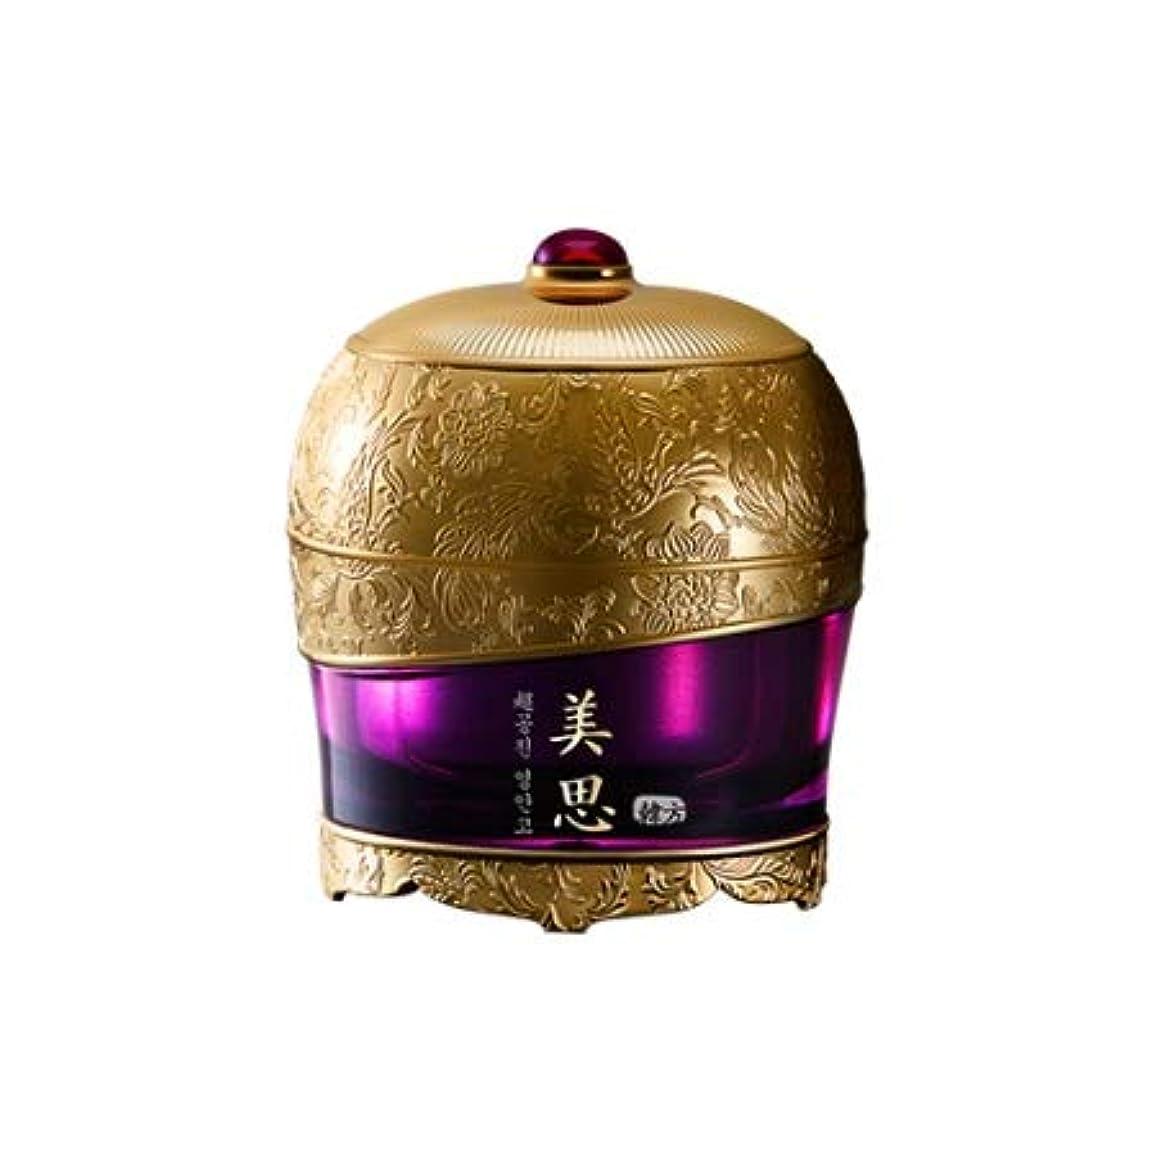 半径拒否オーチャードMISSHA Chogongjin Premium cream ミシャ美思超拱辰(チョゴンジン) 永安膏 クリーム クリーム 60ml [並行輸入品]